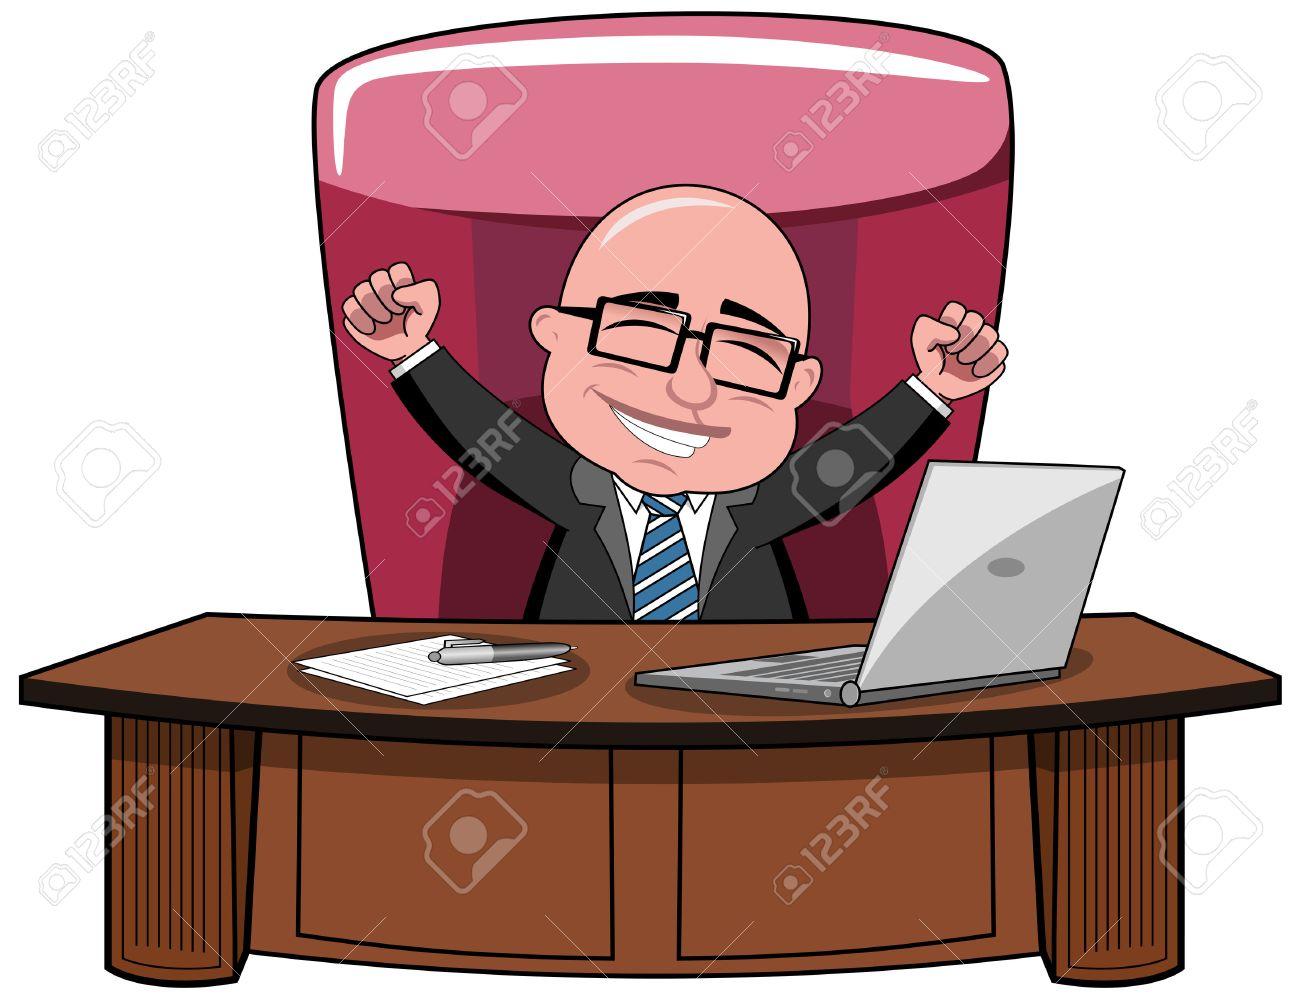 Gluckliche Kahlen Cartoon Geschaftsmann Chef Sitzt Am Schreibtisch Und Frohlockend Isoliert Lizenzfrei Nutzbare Vektorgrafiken Clip Arts Illustrationen Image 44988278